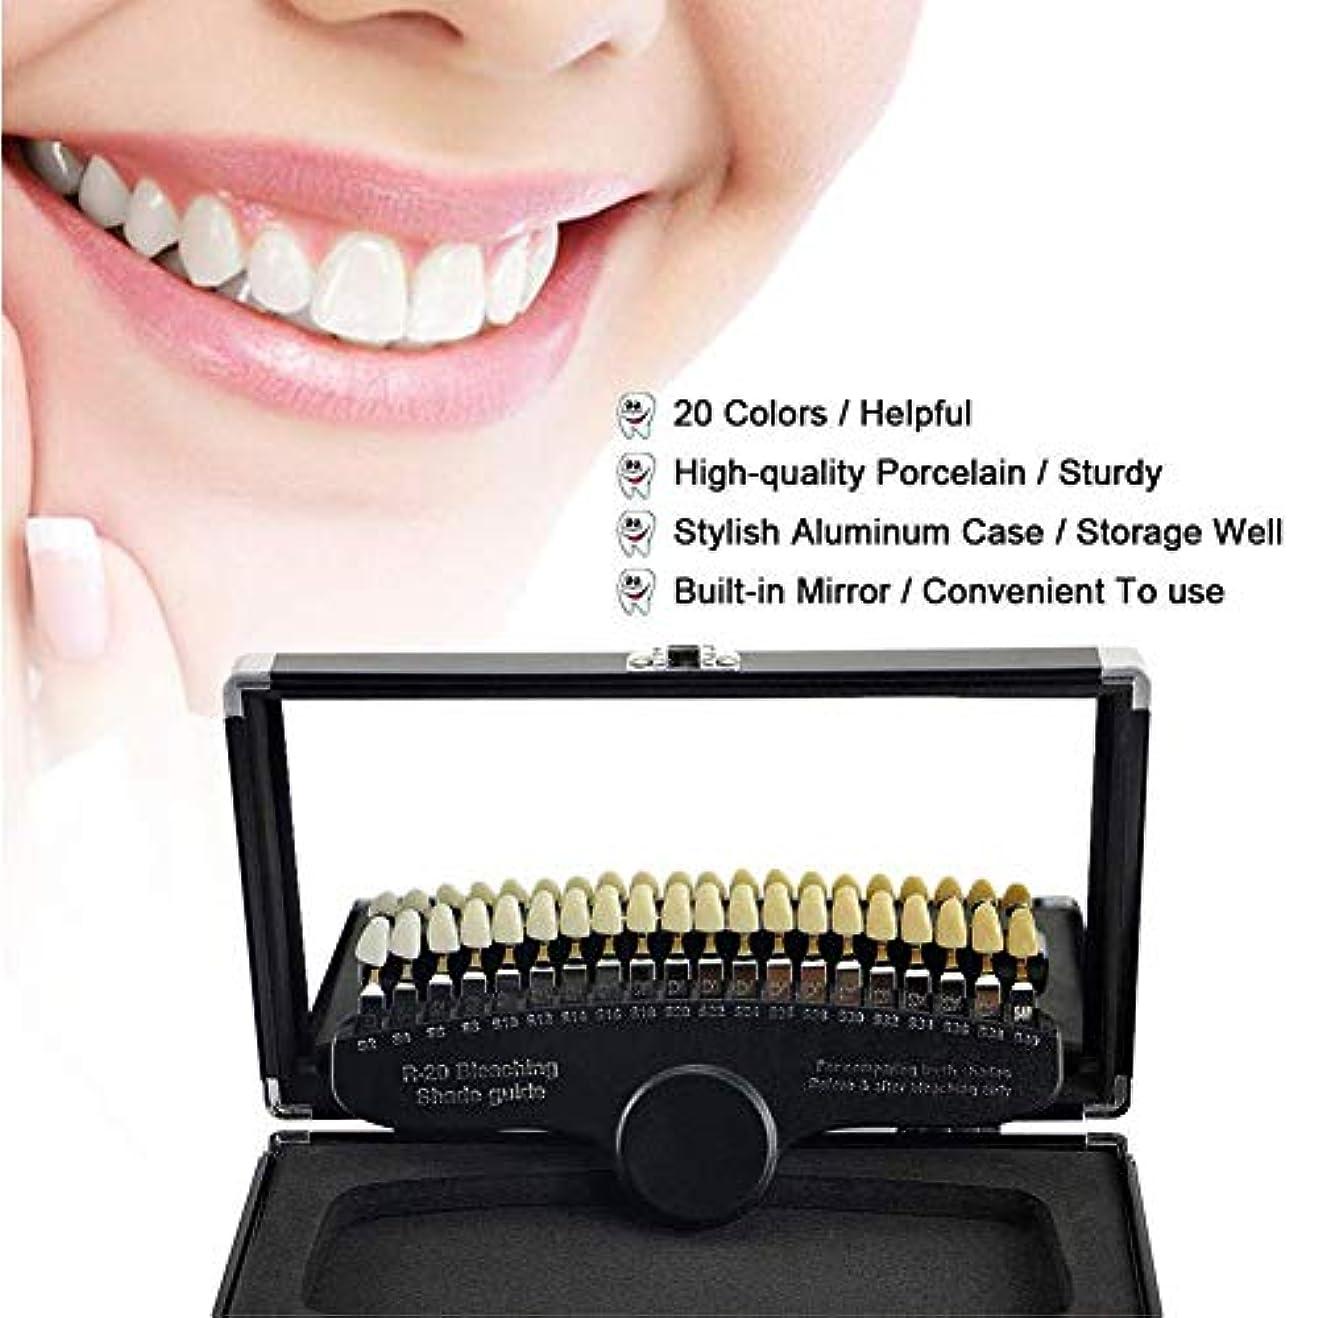 遮るスクラッチ絶滅ミラー付き歯科用歯のホワイトニングカラーパレット、コントラスト20色の真の歯の形状の前後の冷光ホワイトニング、プロの歯のホワイトニング、クリーニング、修復用